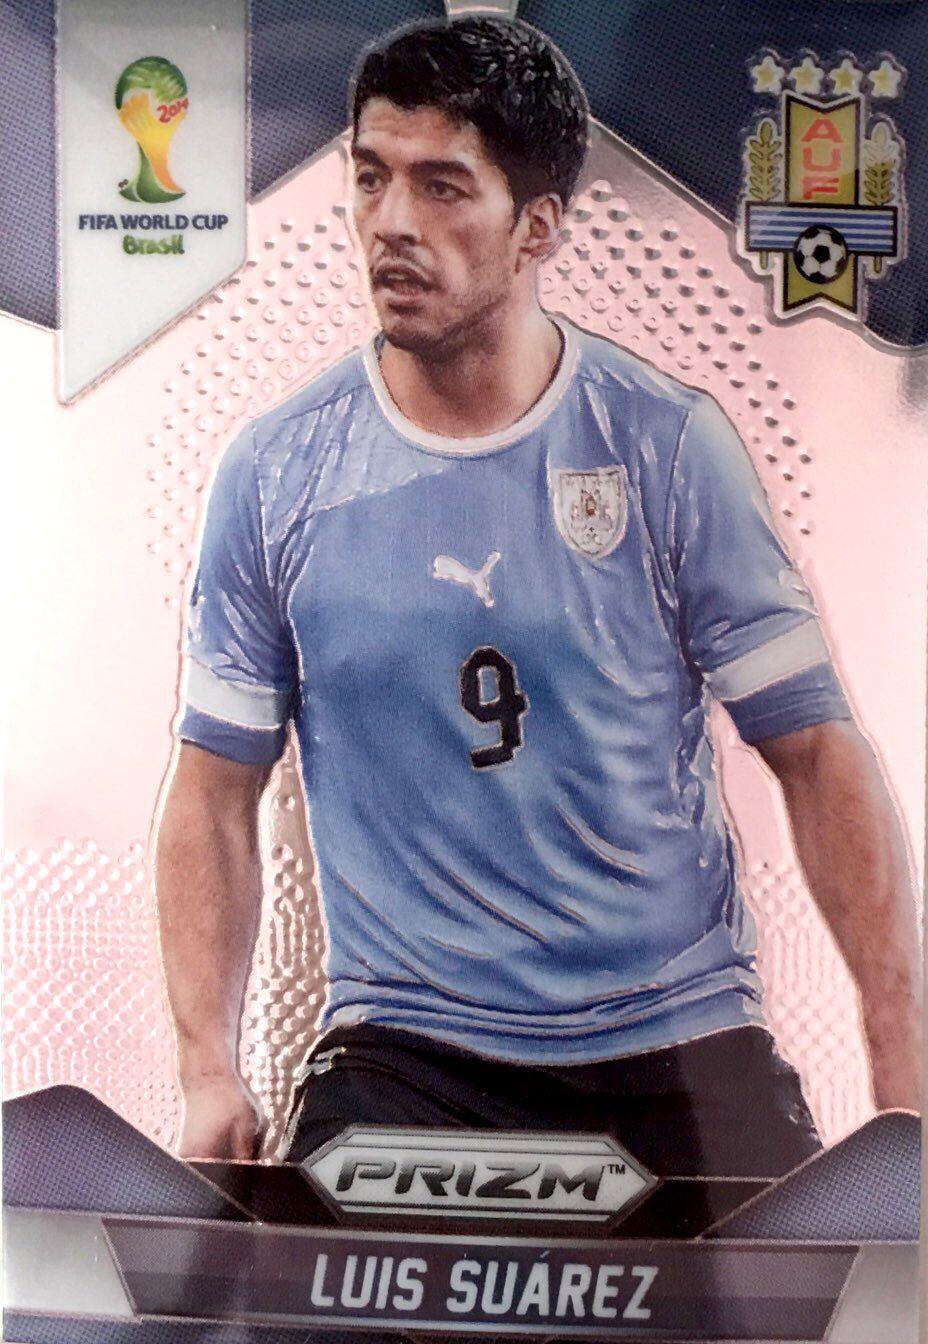 【普拉蒂尼】2014Panini帕尼尼巴西世界杯足球球星卡Luis Suarez苏亚雷斯乌拉圭NO.194普卡